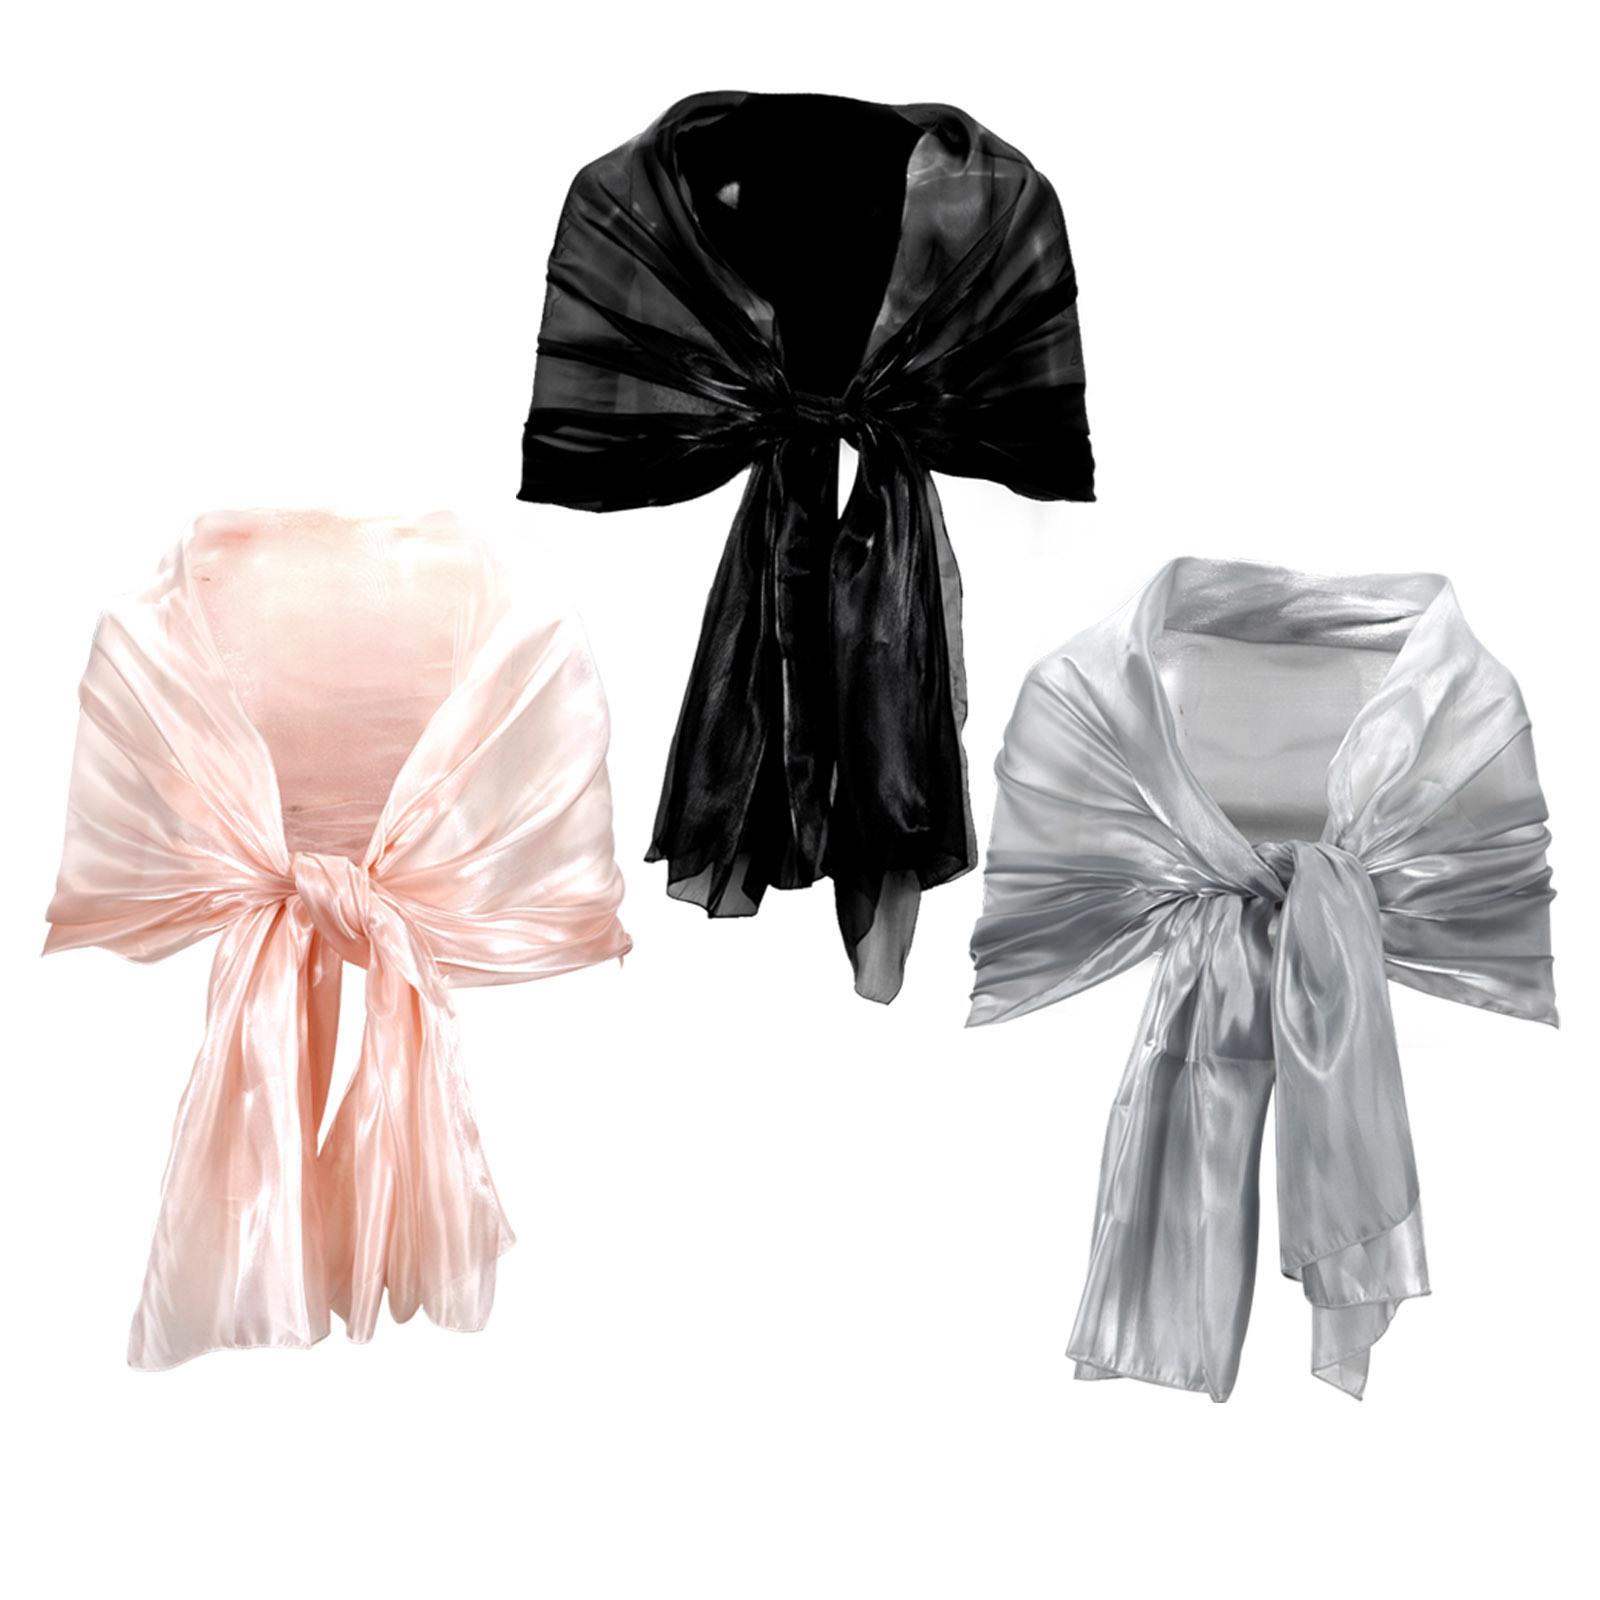 Designer Elegant Chiffon Schal Für Abendkleid ÄrmelFormal Schön Chiffon Schal Für Abendkleid Galerie